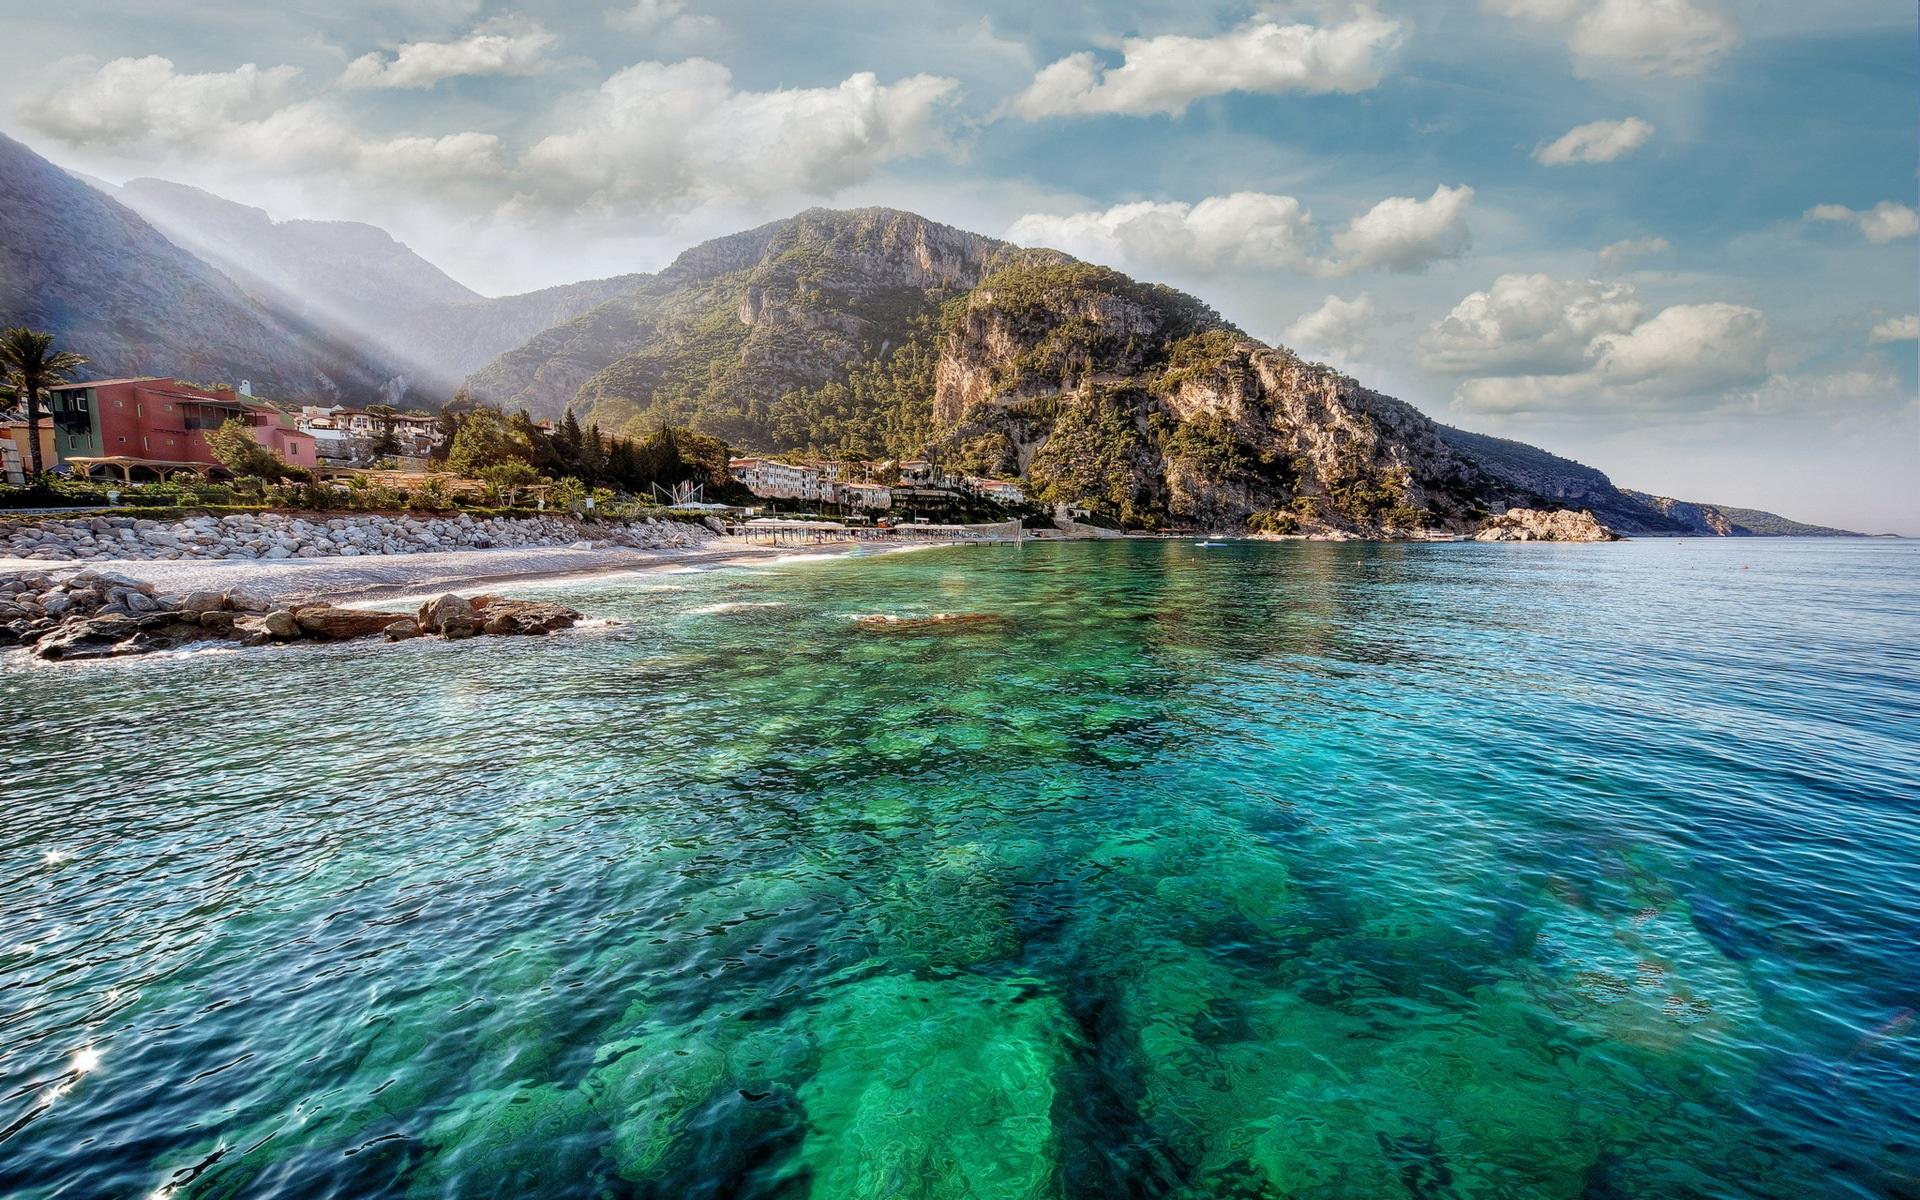 море и горы картинки с высоким разрешением святого